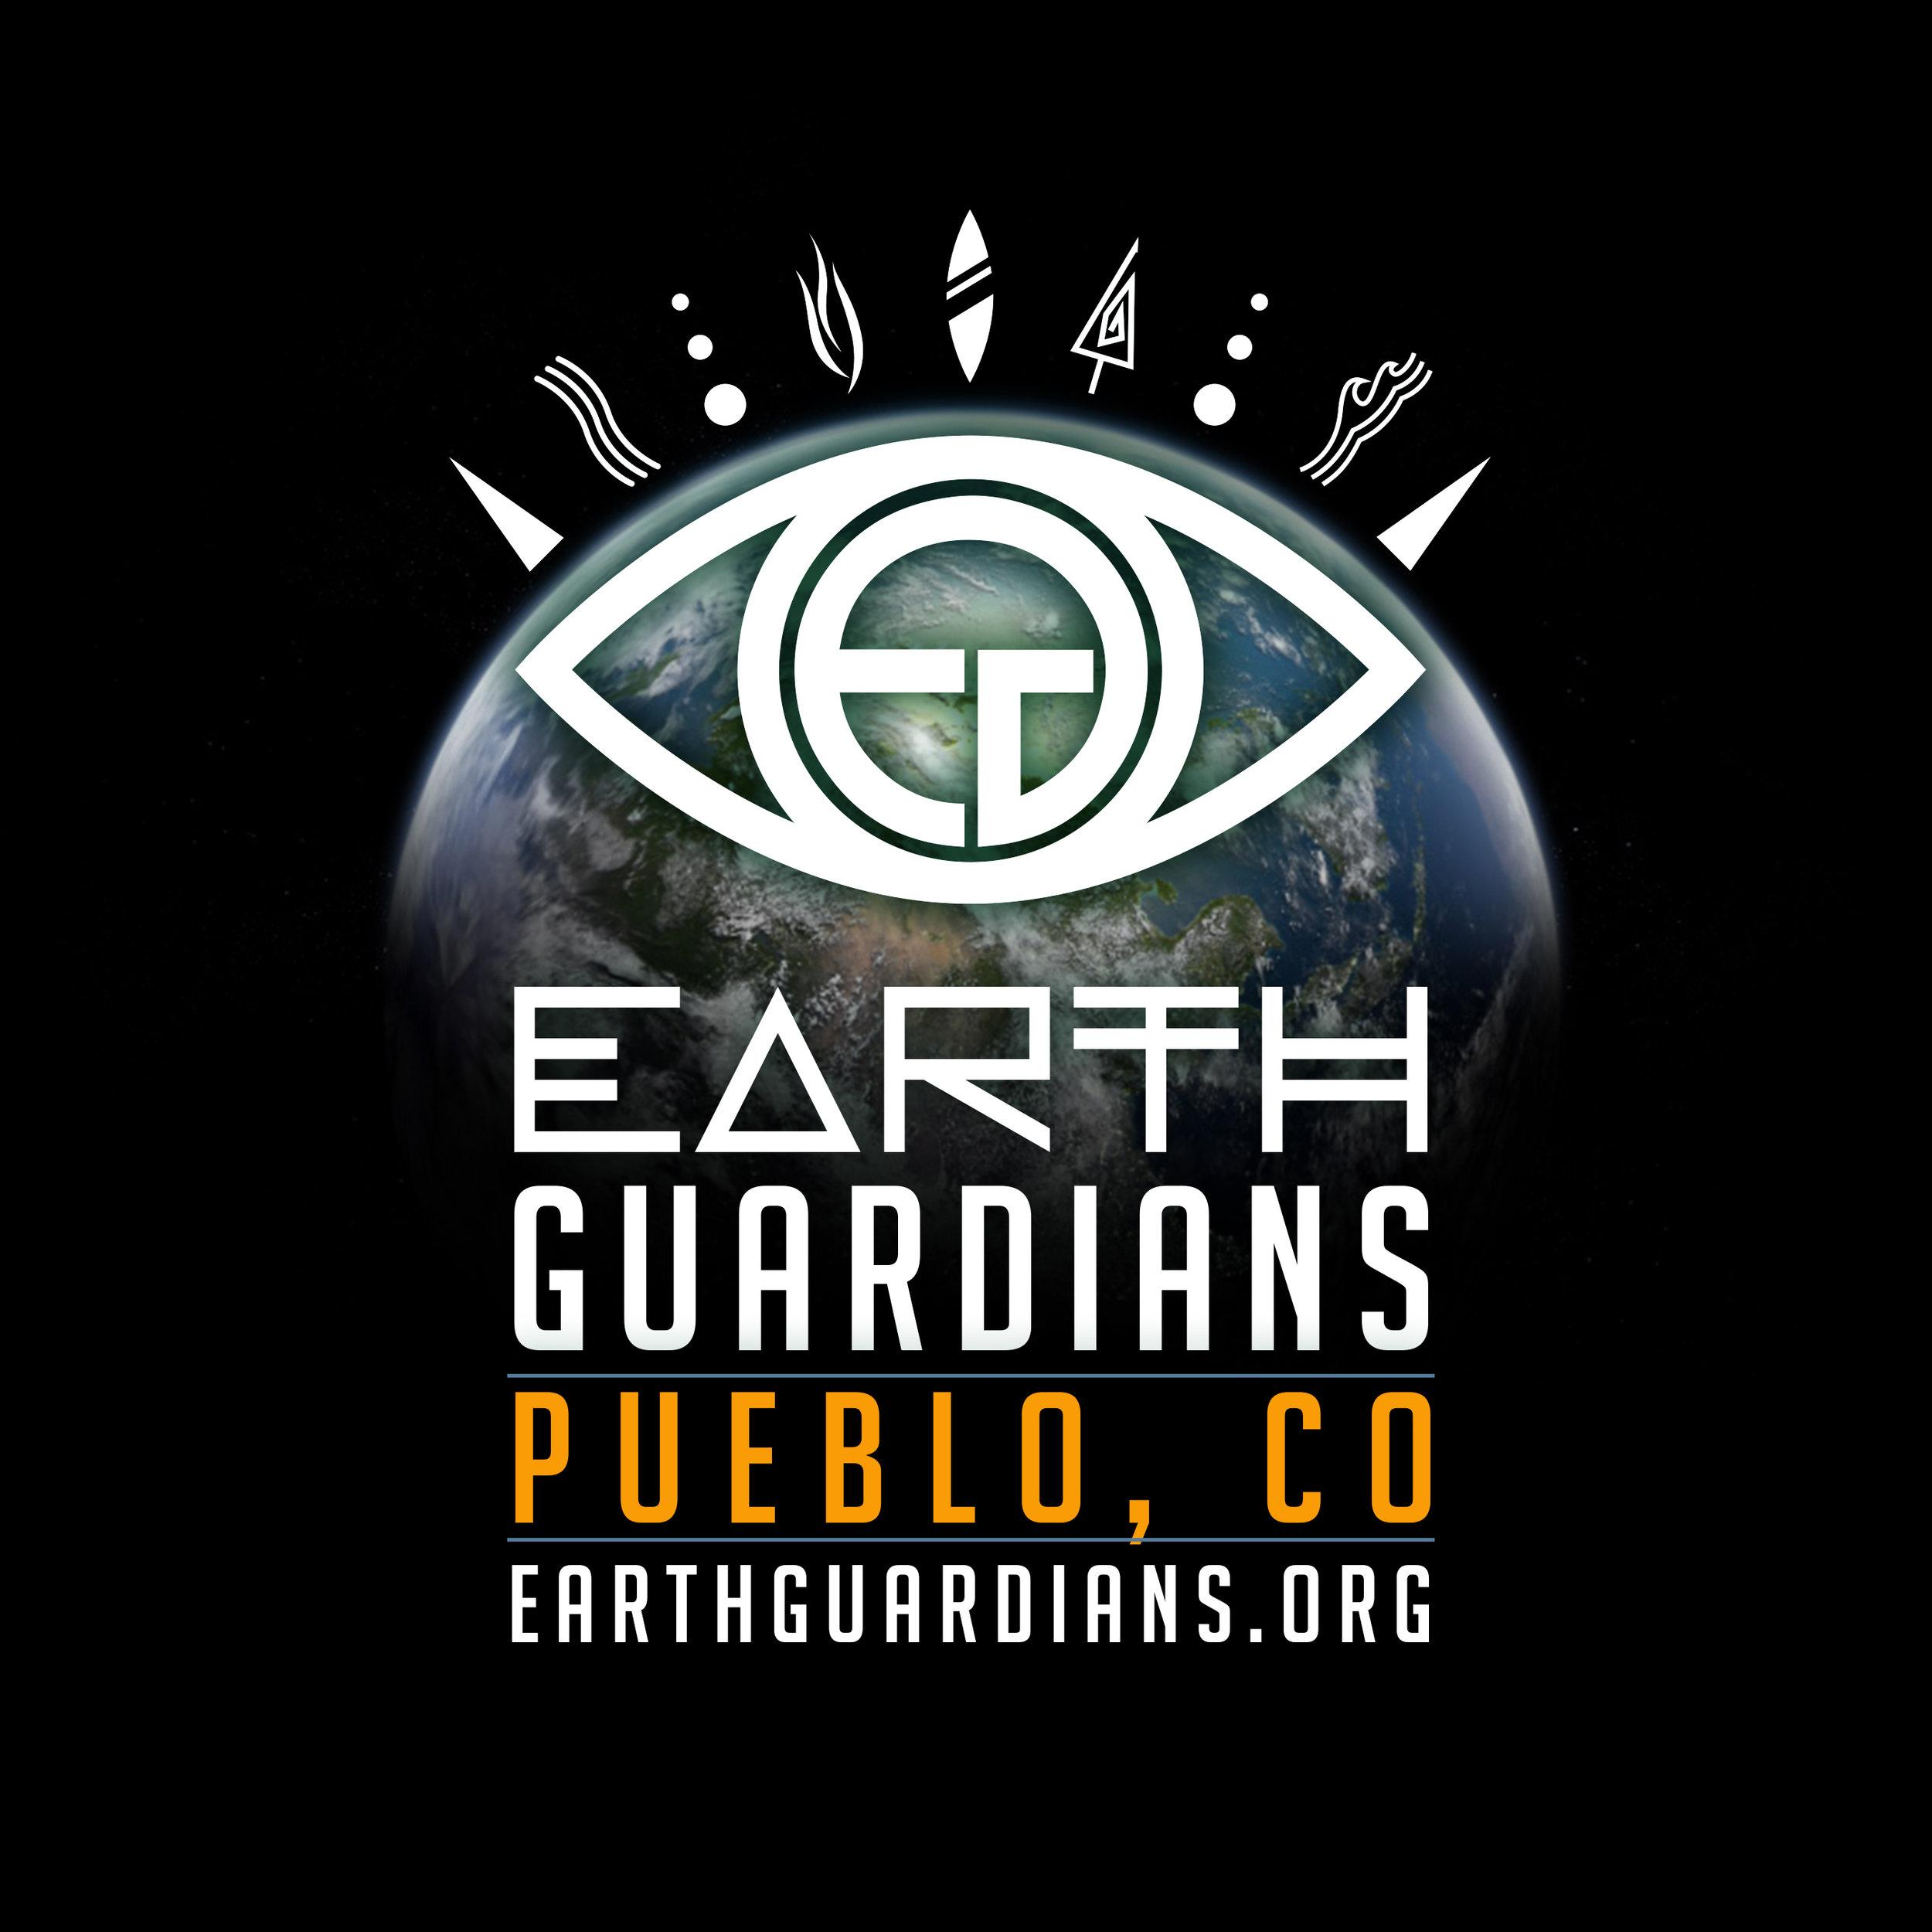 EG_PuebloCO.jpg